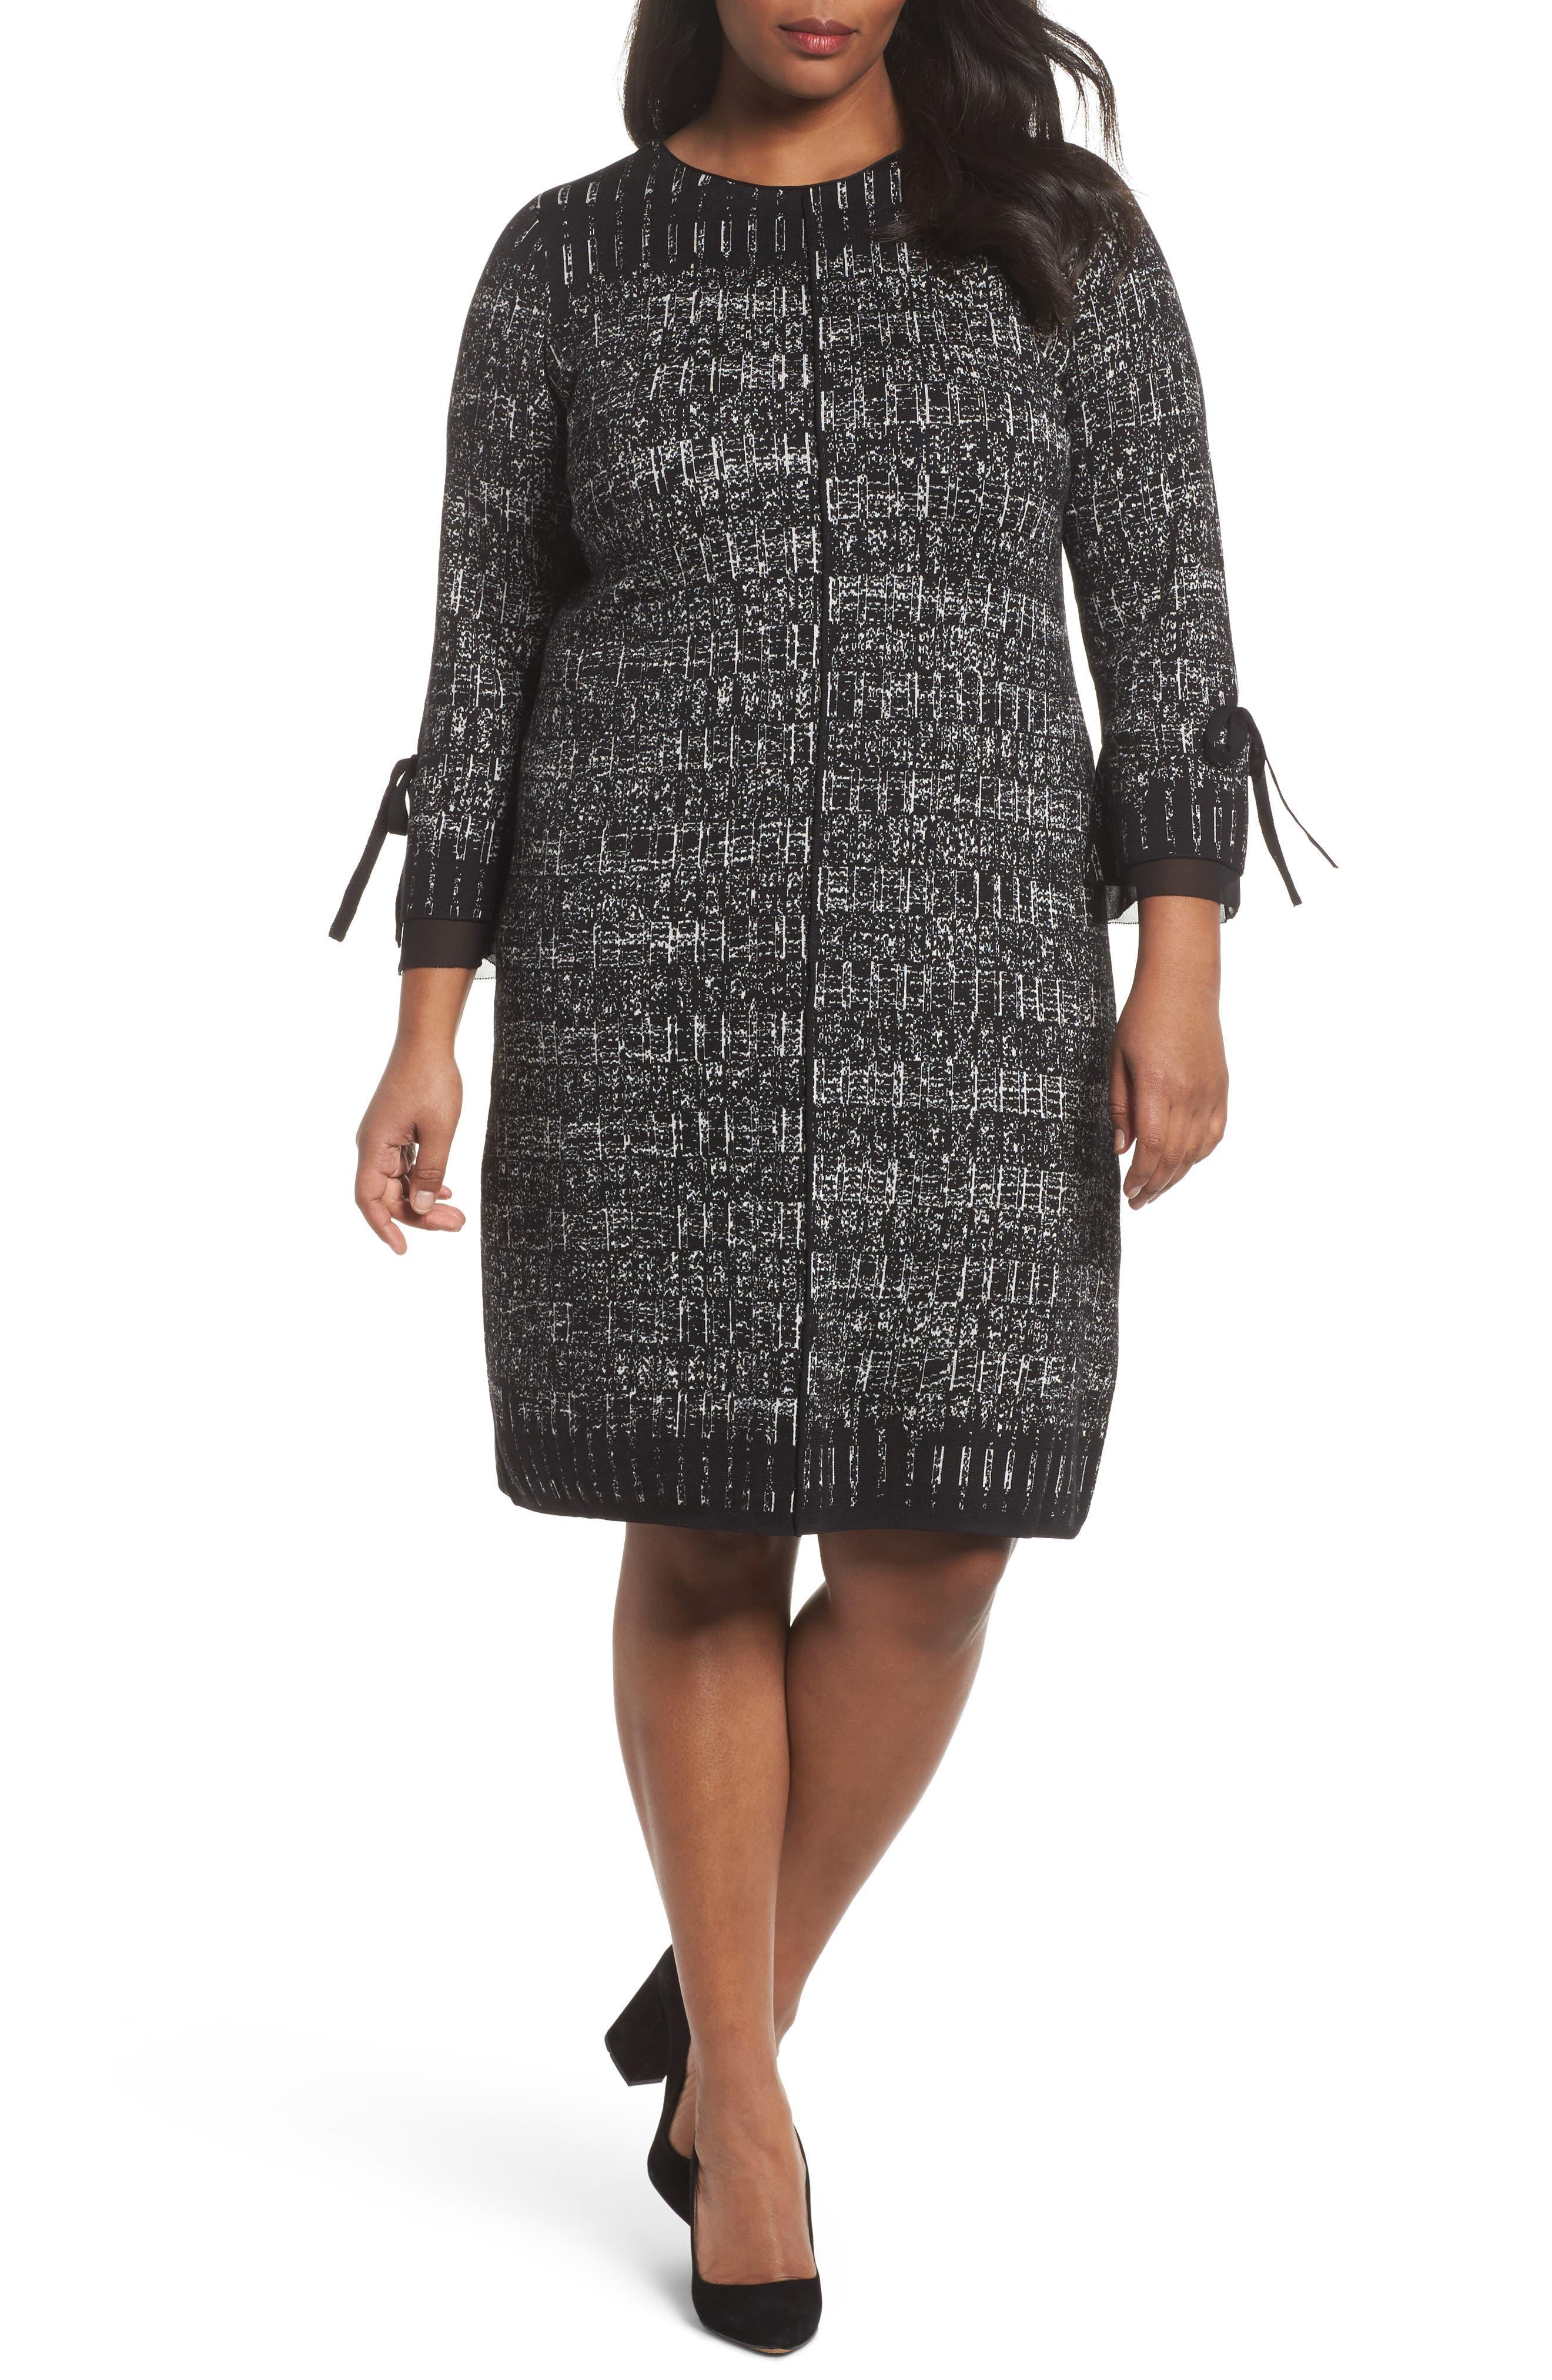 Alternate Image 1 Selected - NIC+ZOE Ruffle Cuff Sweater Dress (Plus Size)